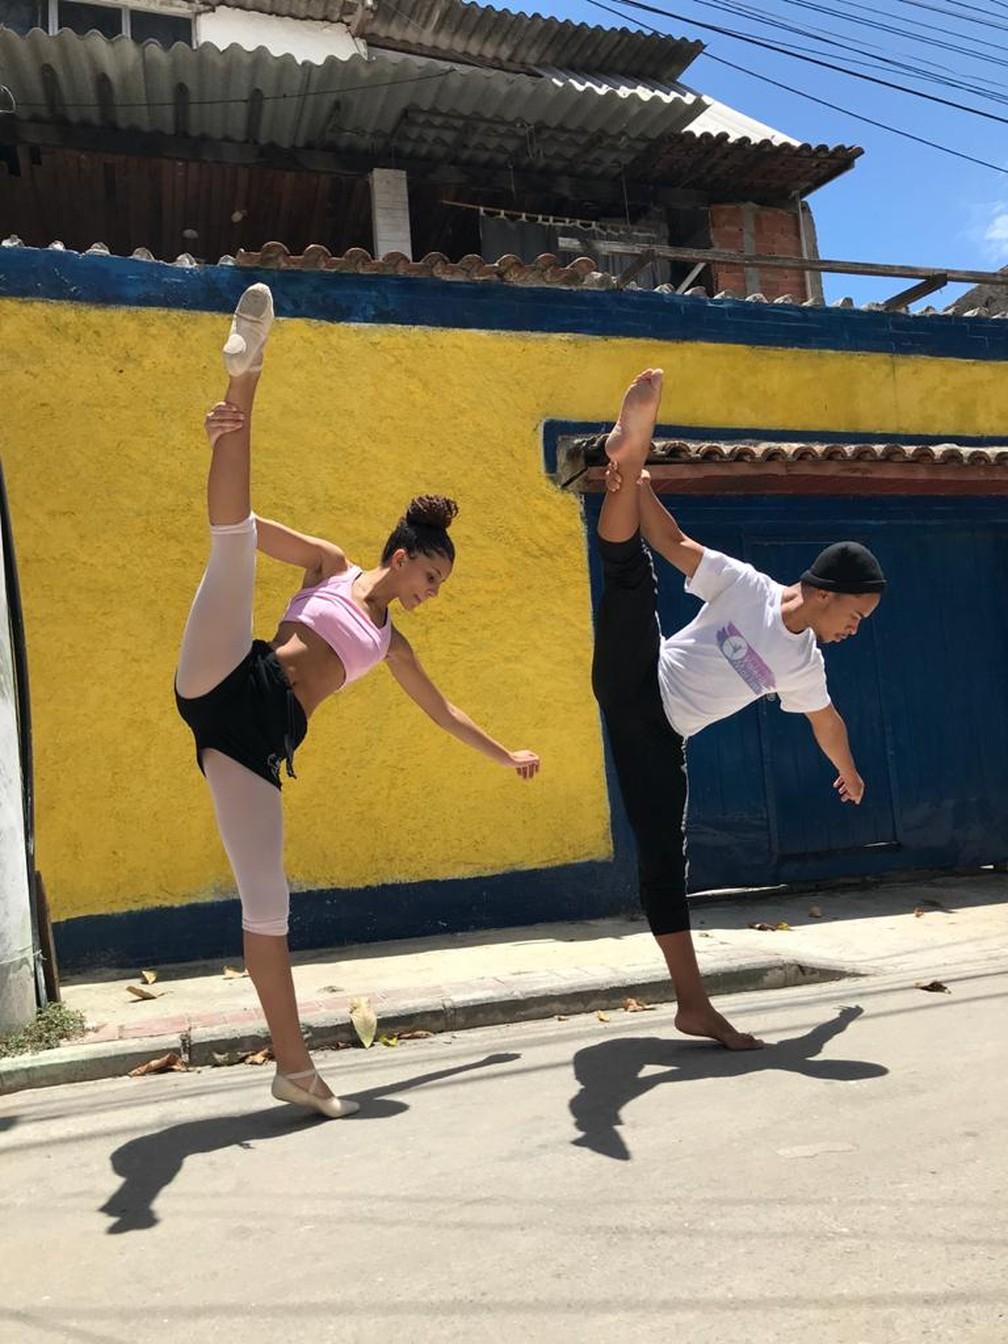 Daniel Coelho e Ana Carolina Baptista arrecadam dinheiro, junto com a bailarina Gabrielle Bezerra, para pagar viagem para fora do Brasil  — Foto: Reprodução/Arquivo pessoal